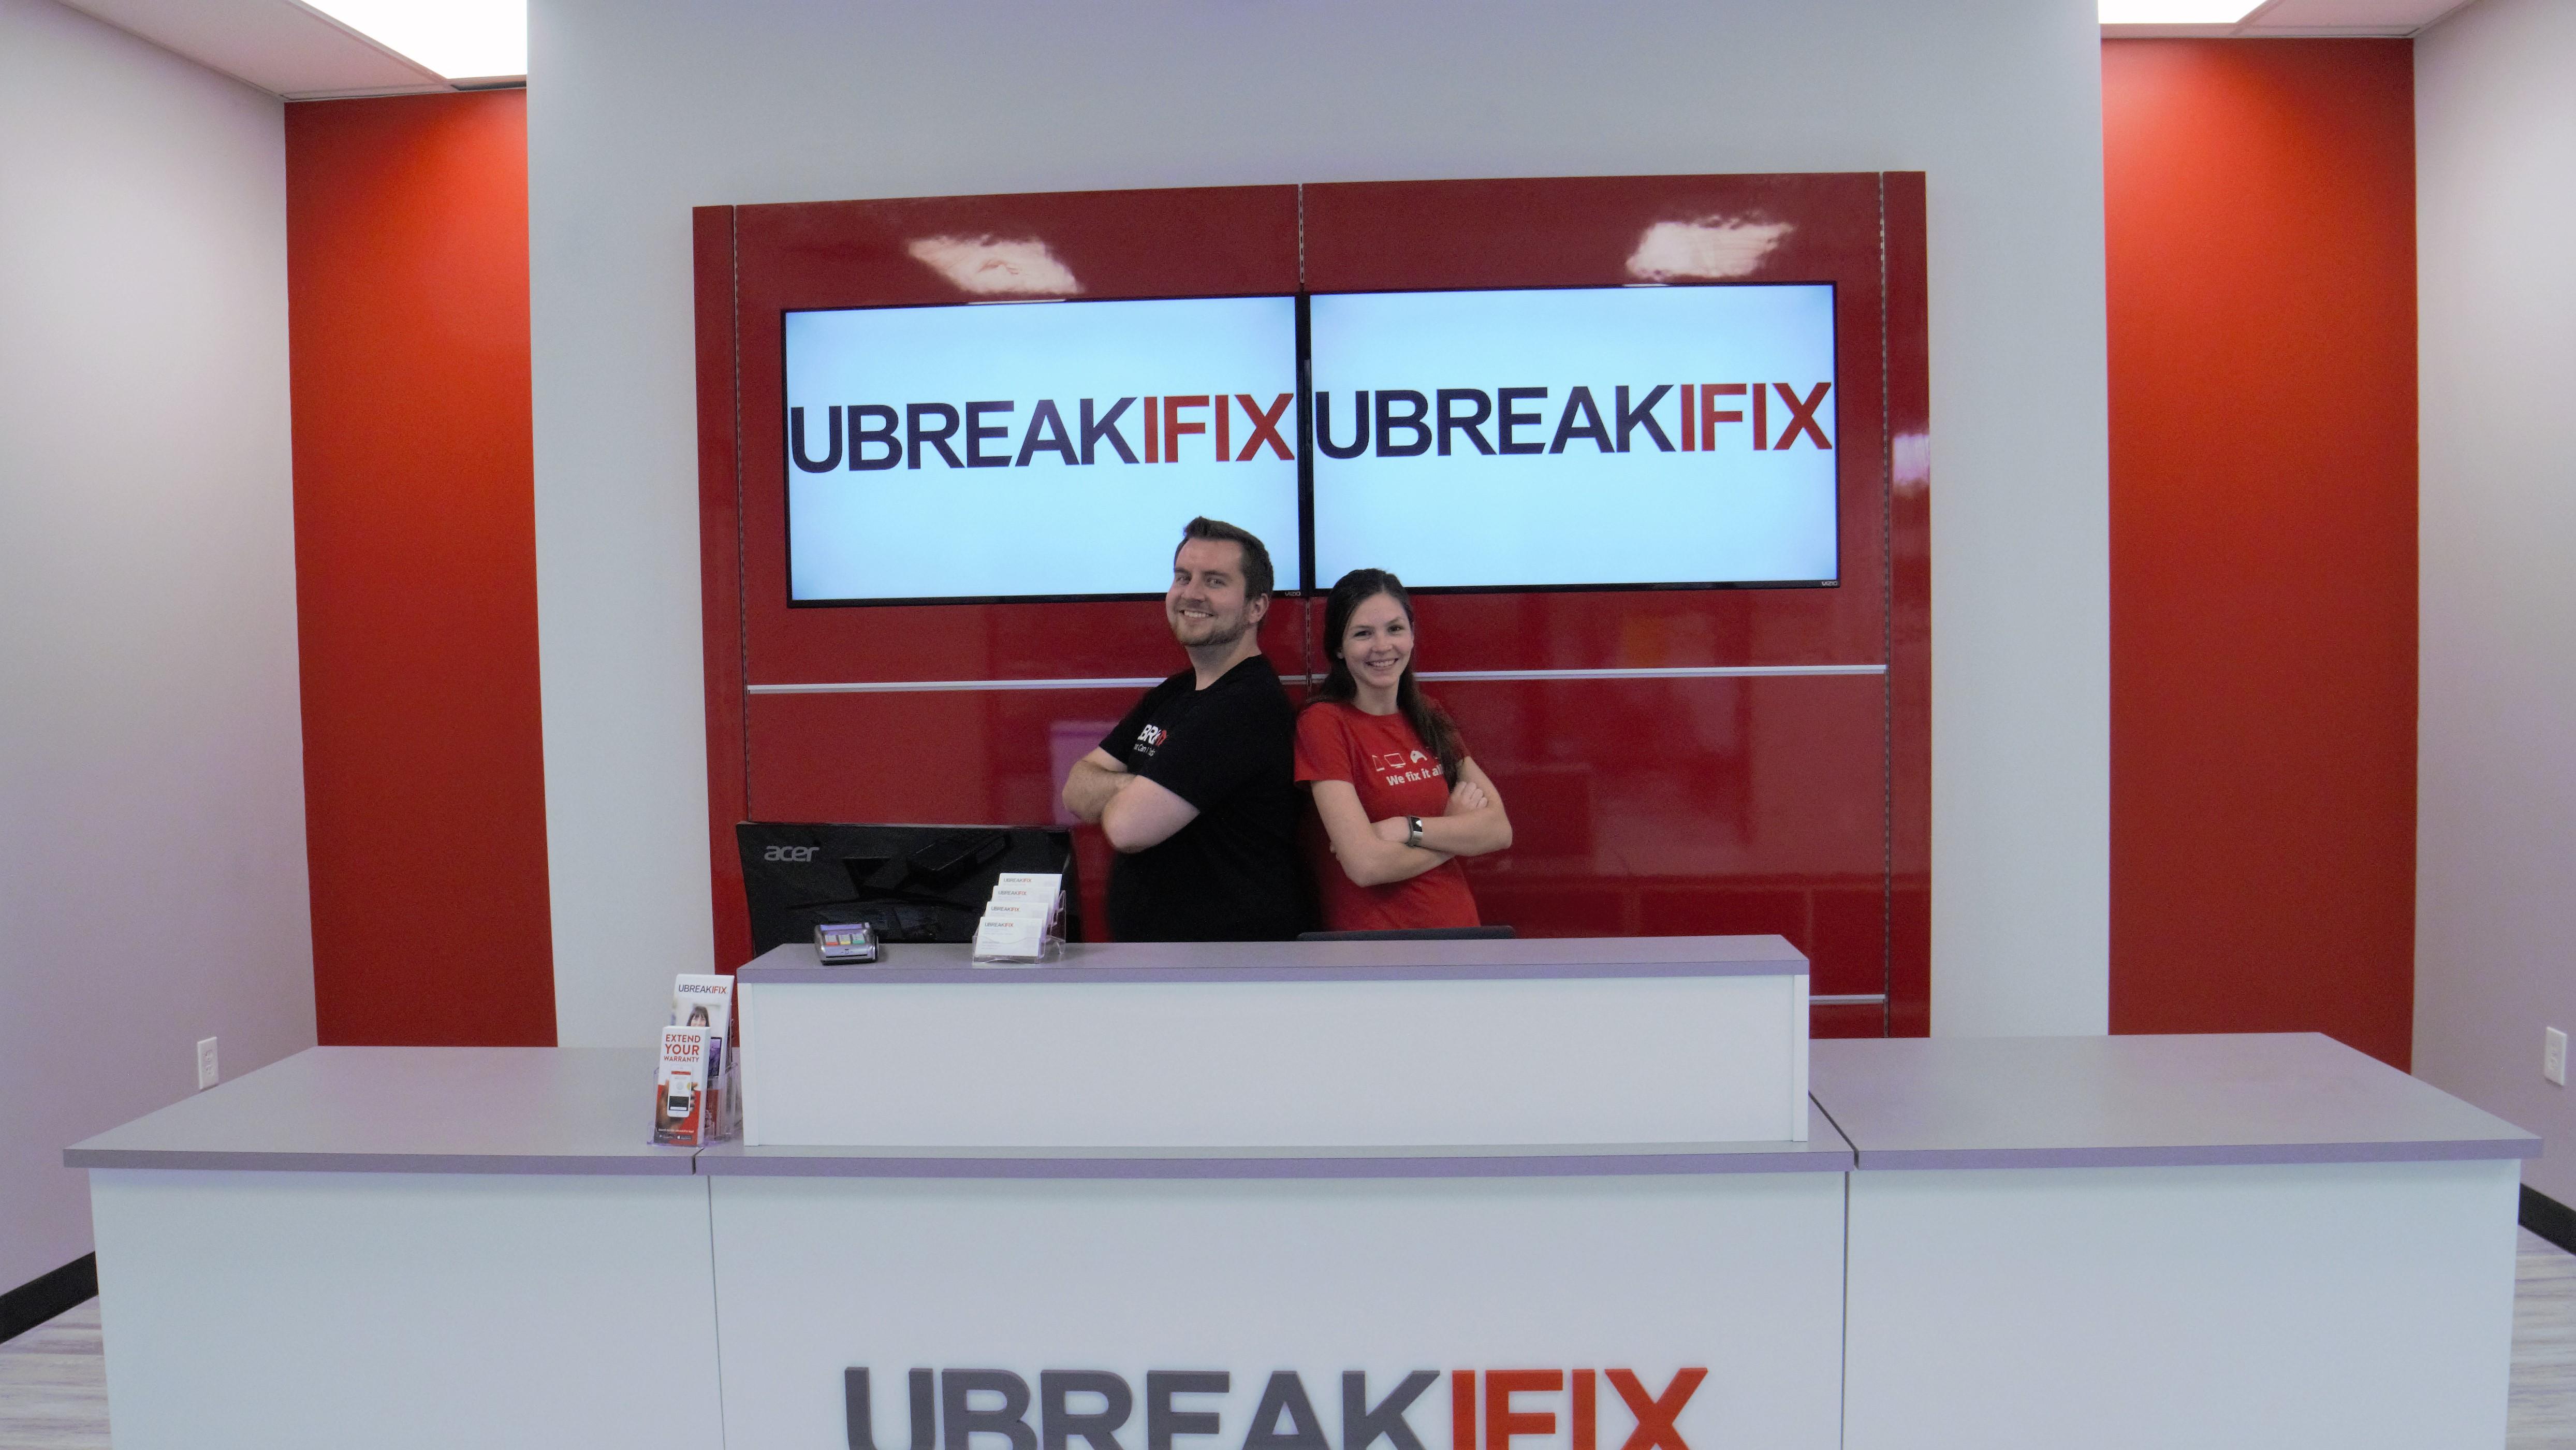 uBreakiFix image 2